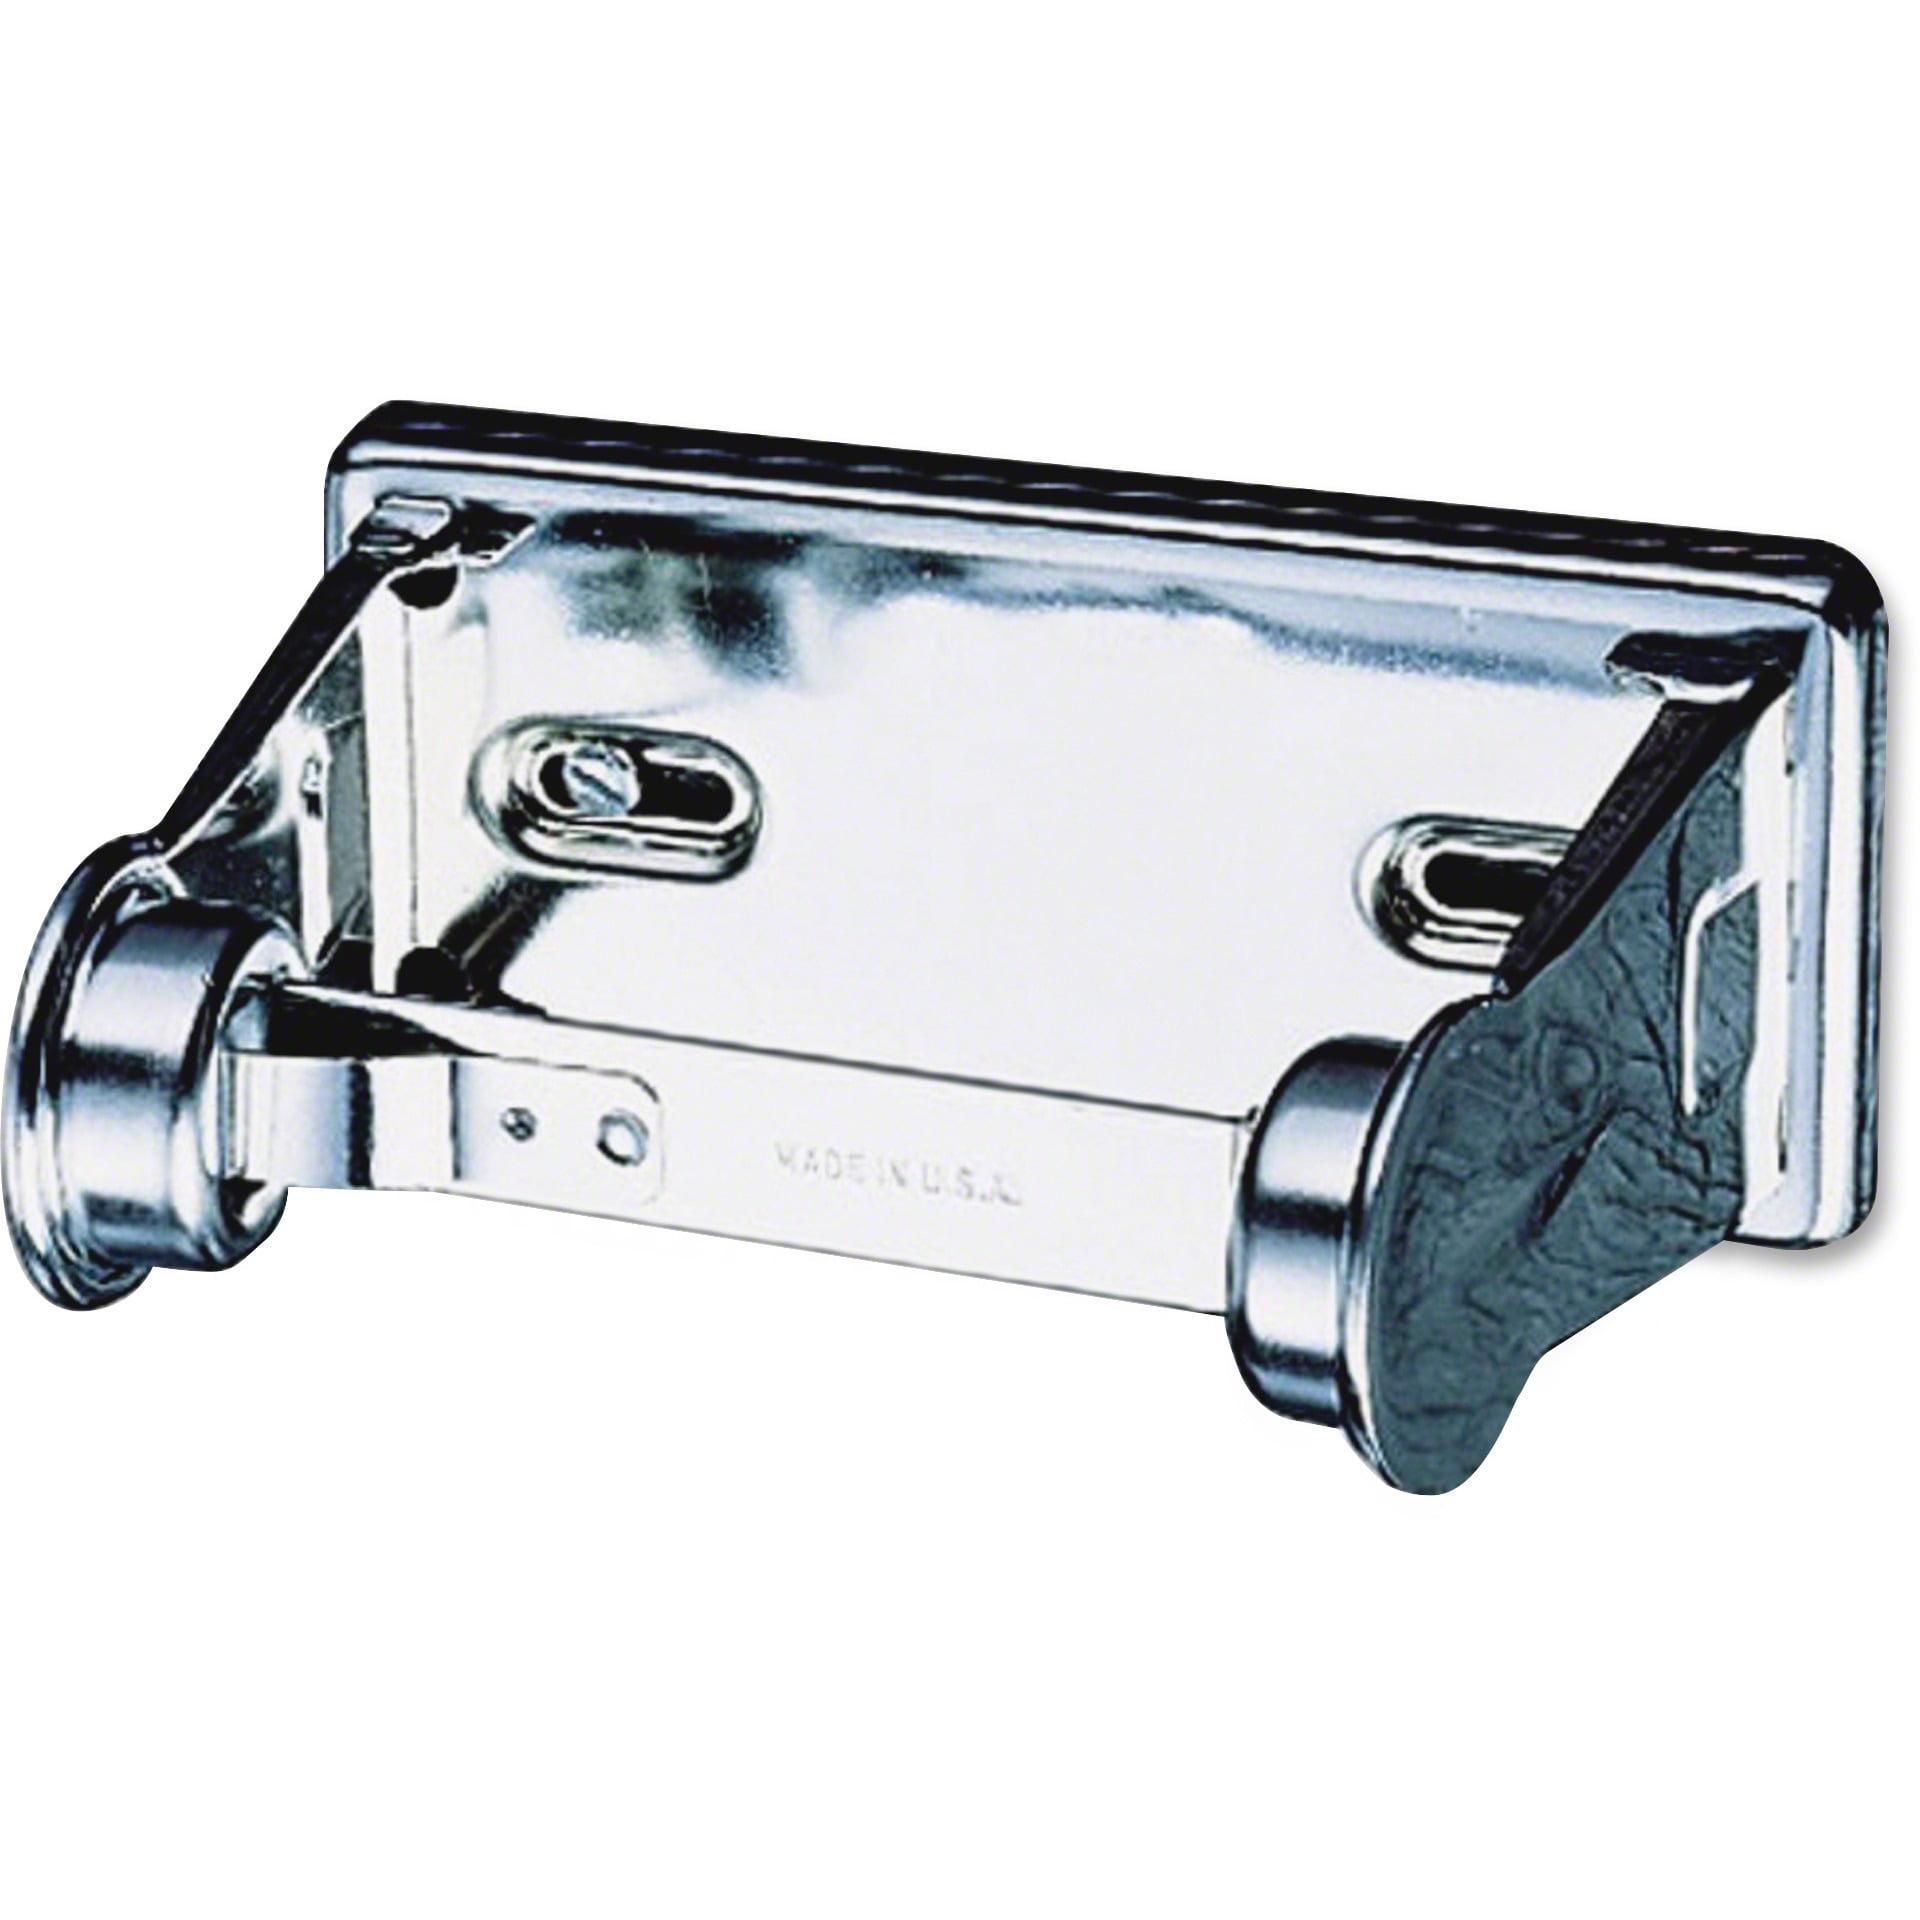 San Jamar, SJMR200XC, Single-roll Toilet Tissue Dispenser, 1 Each, Chrome